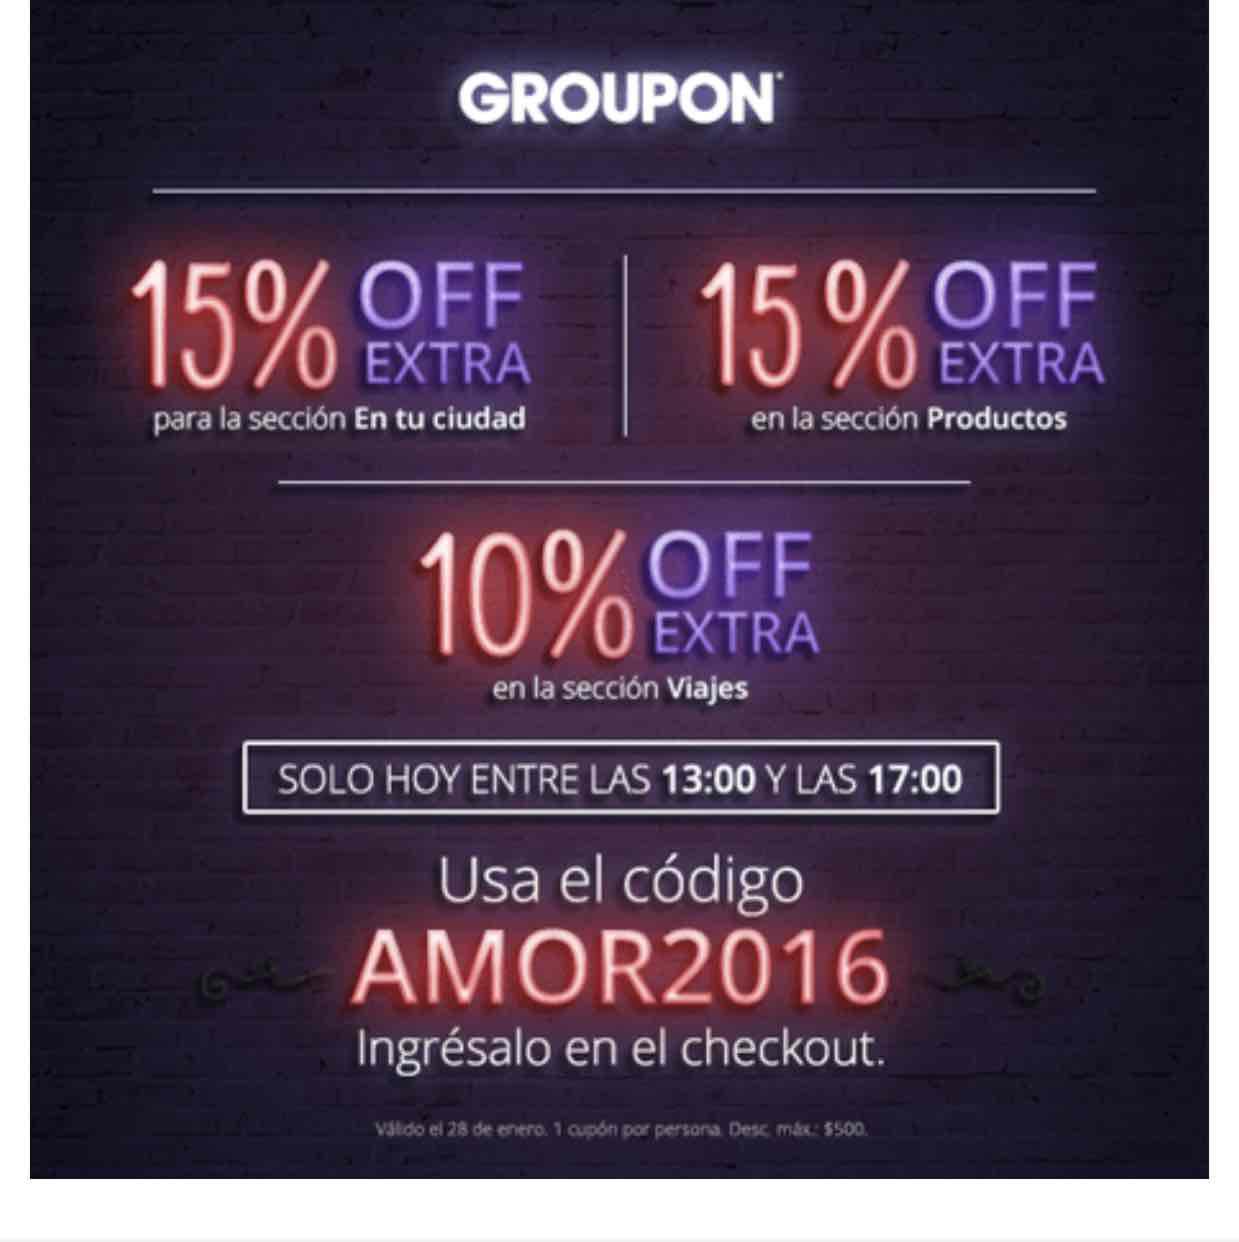 Groupon 15% en groupones de tu ciudad y viajes - Codigo AMOR2016